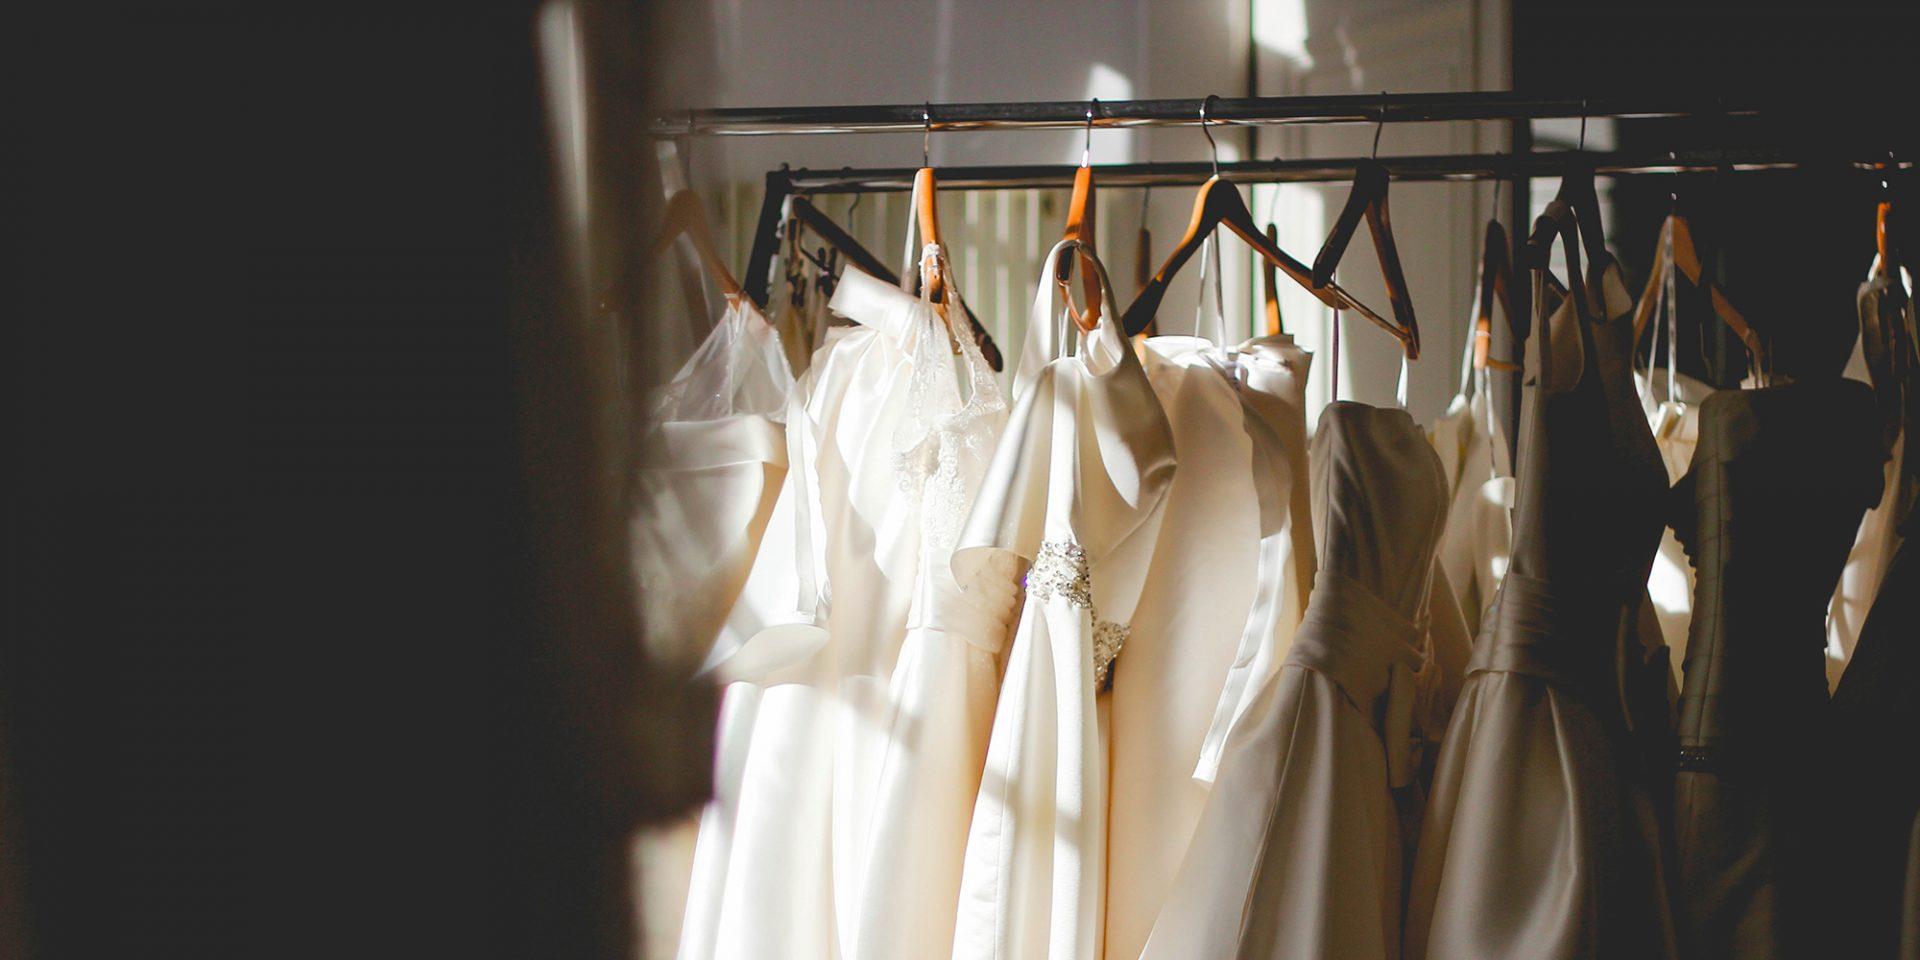 les robes de mariées, pièces principales de la collaboration entre balzac paris et la redoute